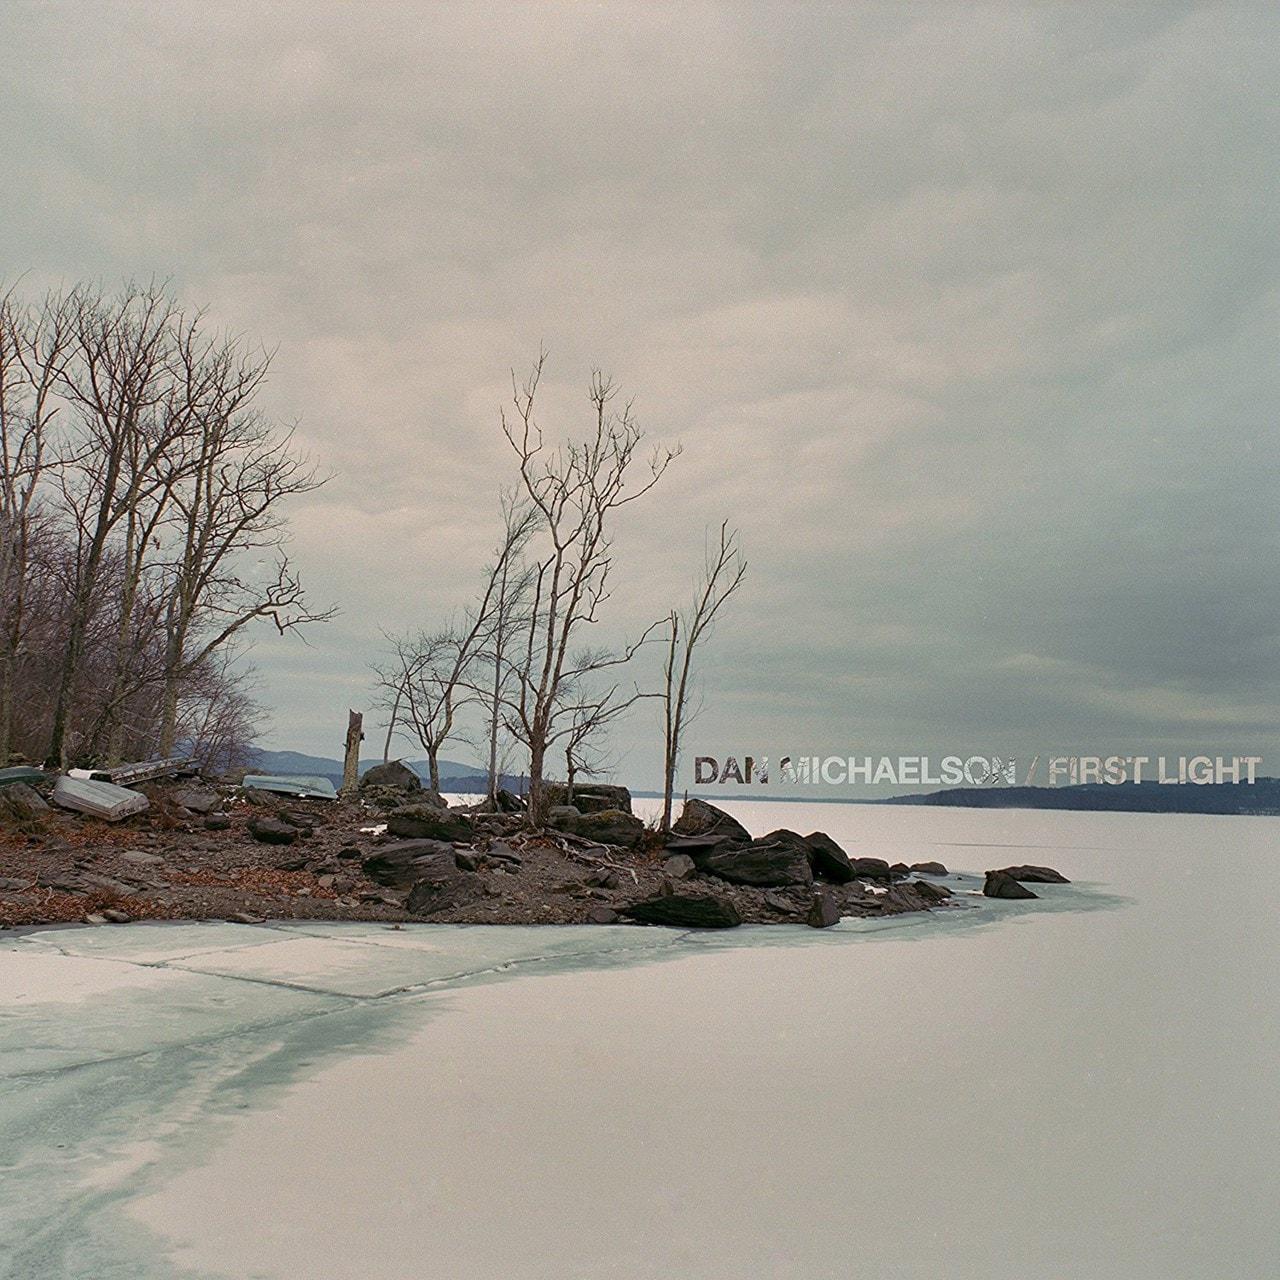 First Light - 1